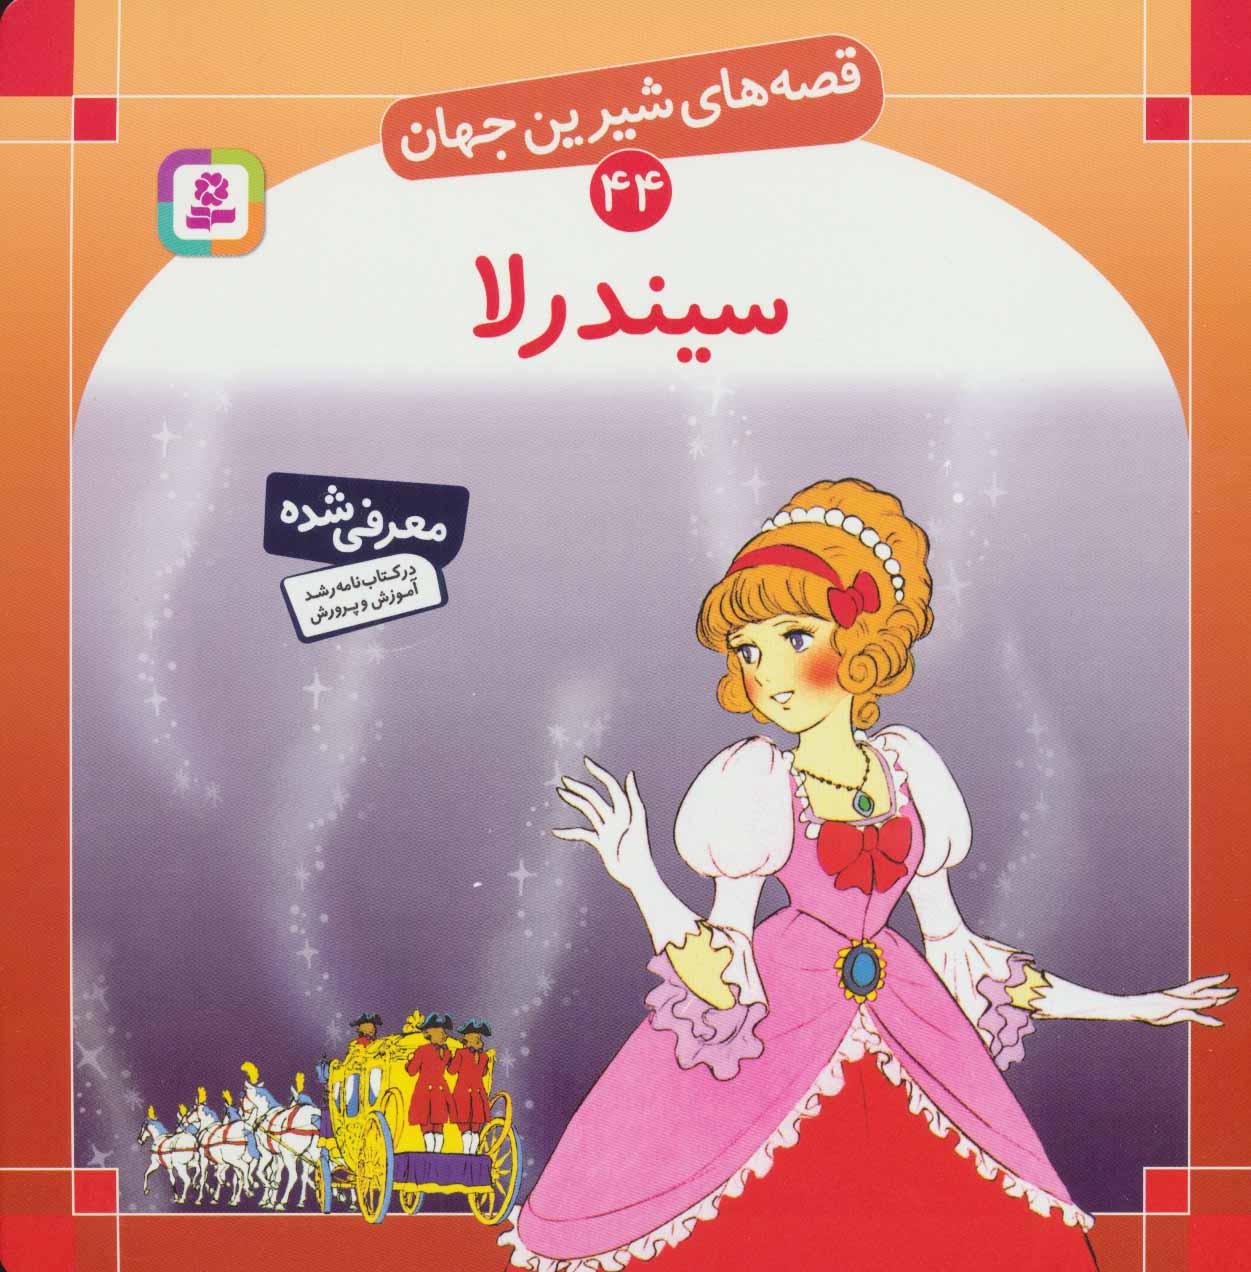 کتاب قصههای شیرین جهان۴۴ (سیندرلا)